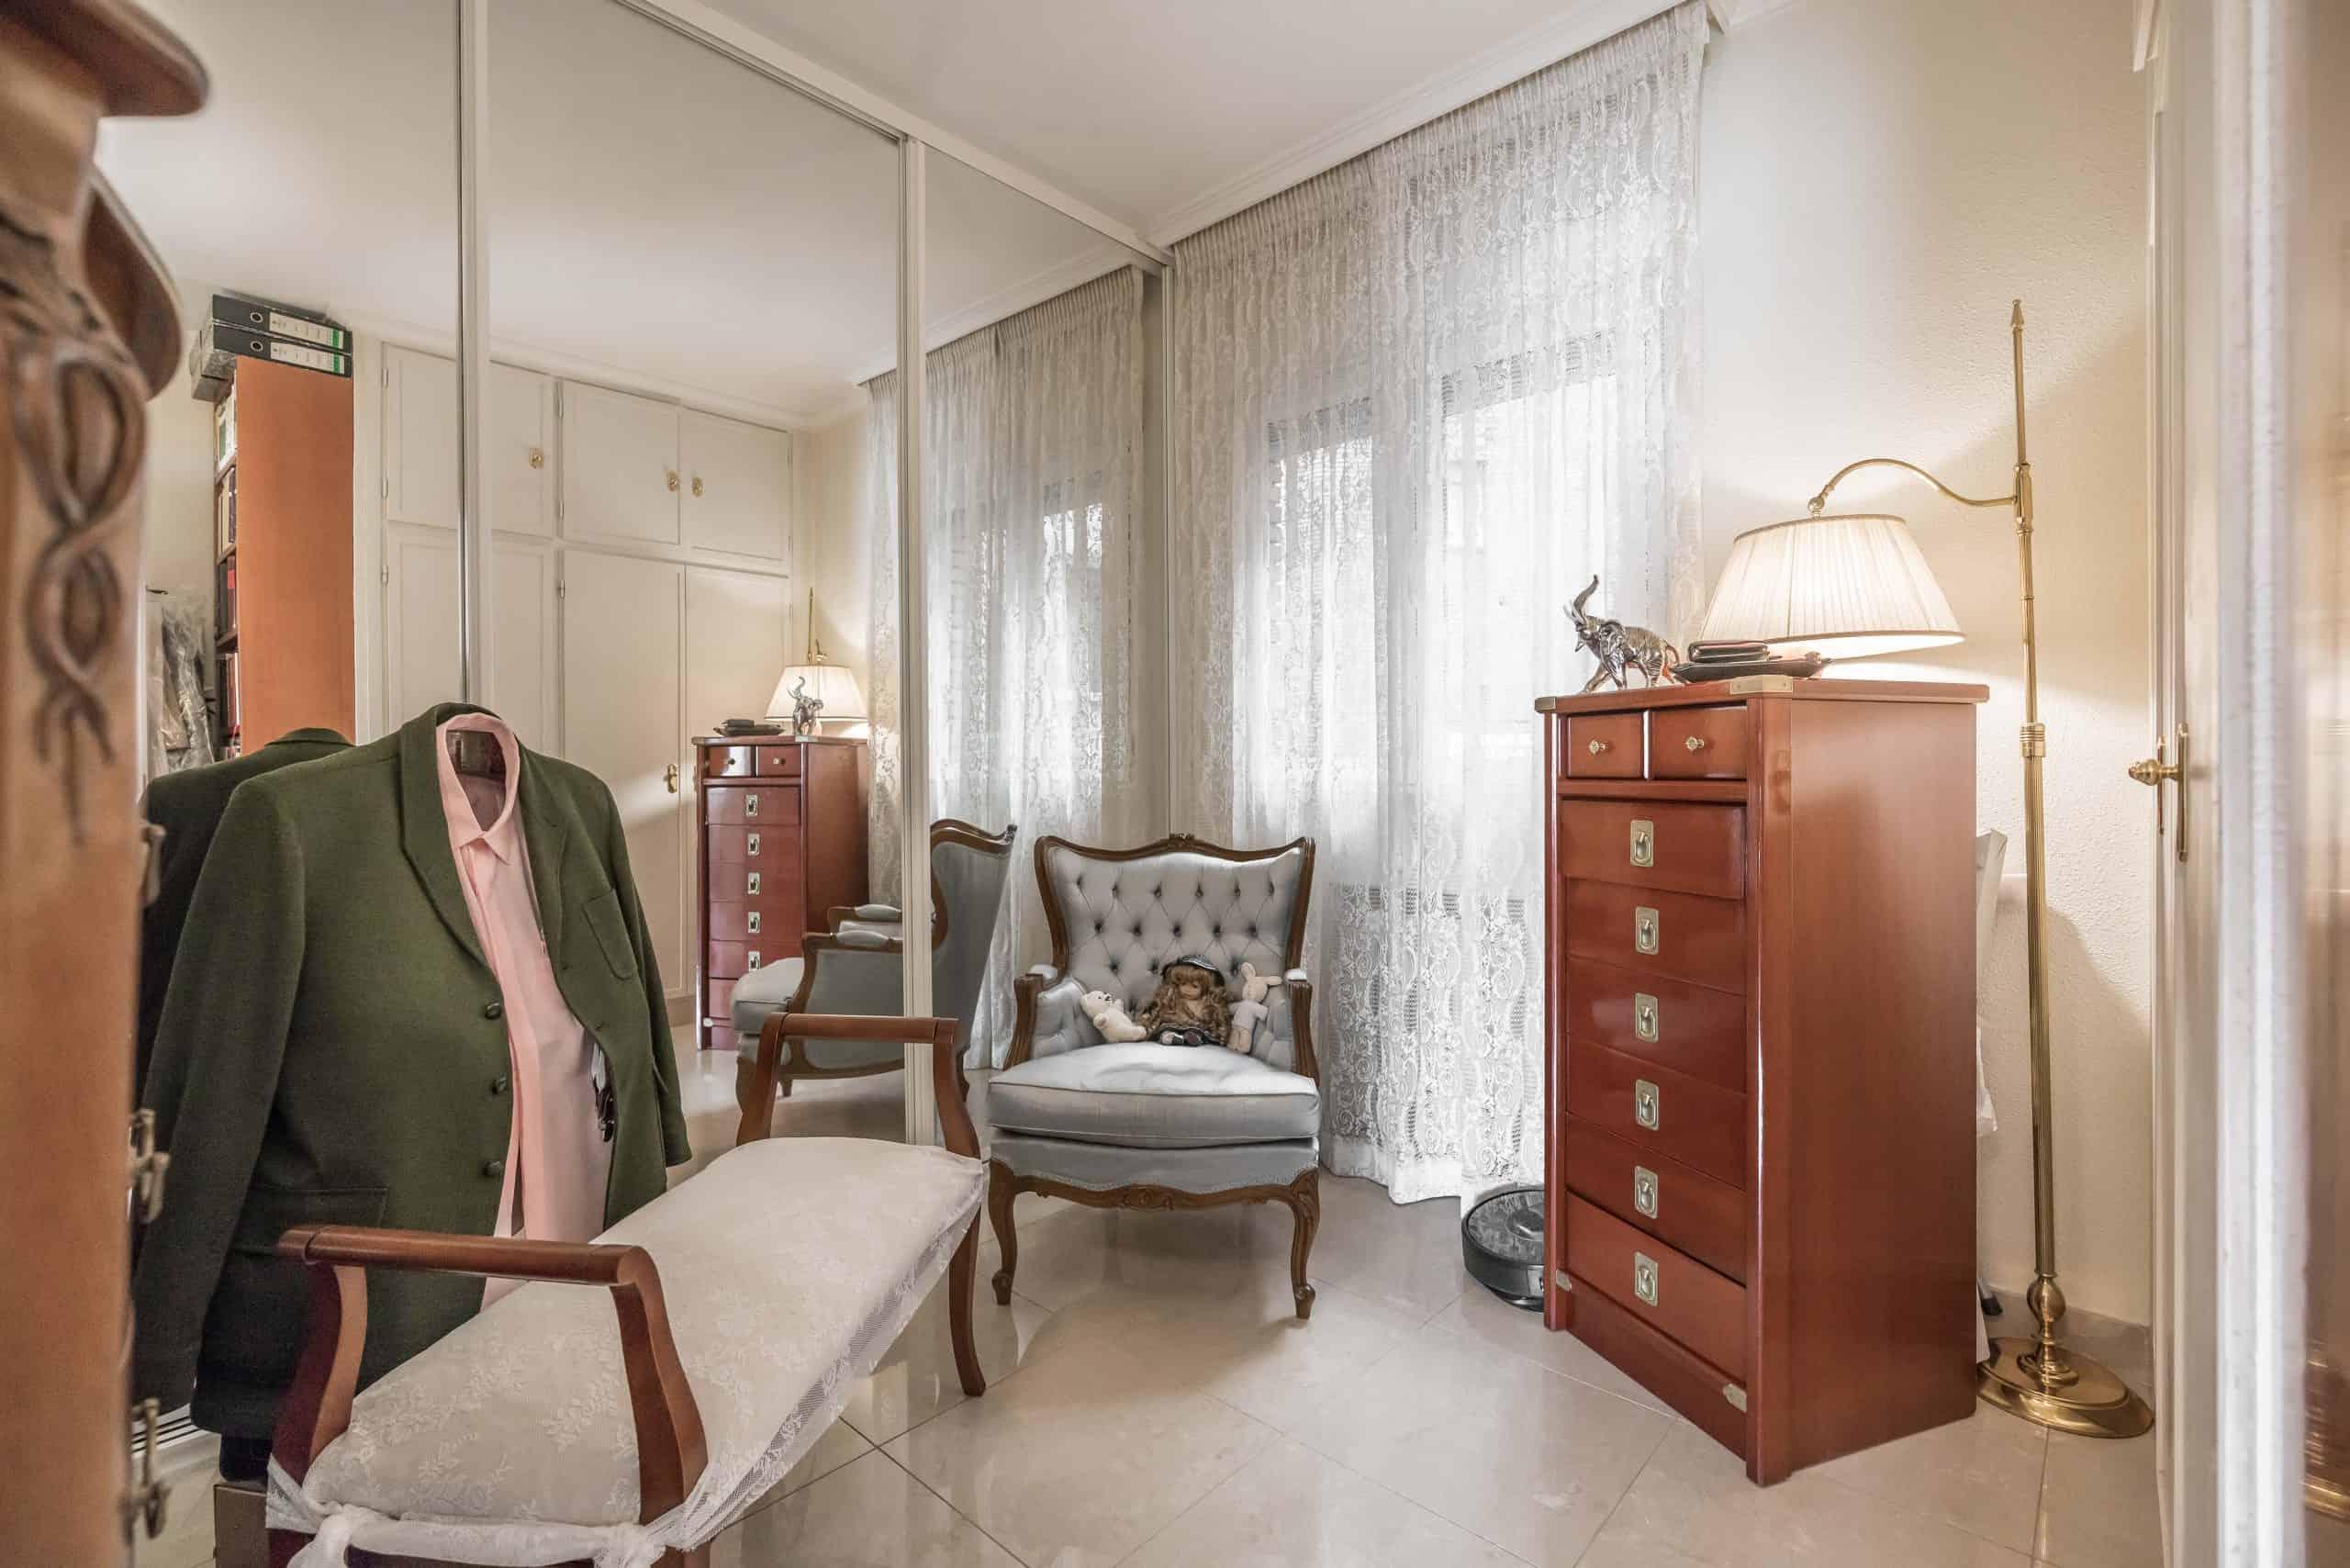 Agencia Inmobiliaria de Madrid-FUTUROCASA-Zona ARGANZUELA-EMBAJADORES-LEGAZPI -calle Santa María de la Cab6 DORMITORIO3 (1)